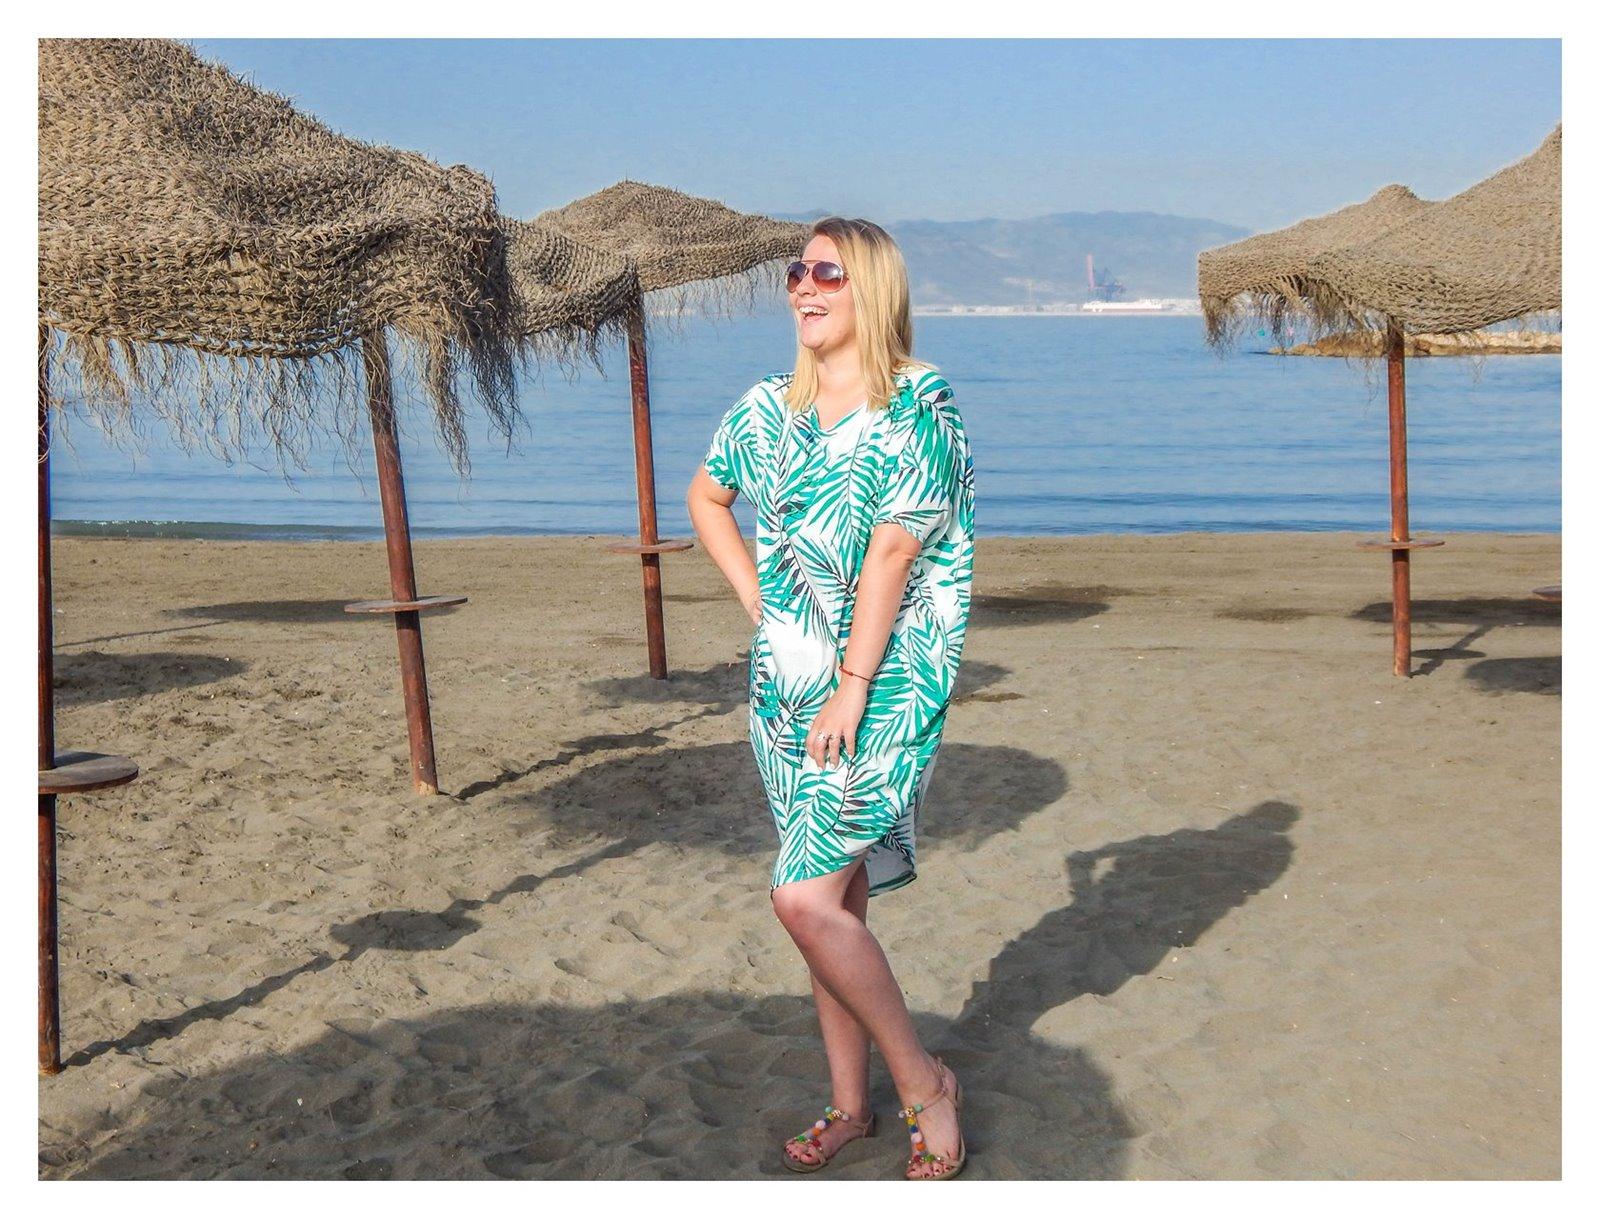 4 sukienka w palmy one mug a day palms fashion details polish blog polskie blogi modowe polska blogerka modowa melodylaniella łódź style fashion ootd posty uroda moda stylizacje lookbook